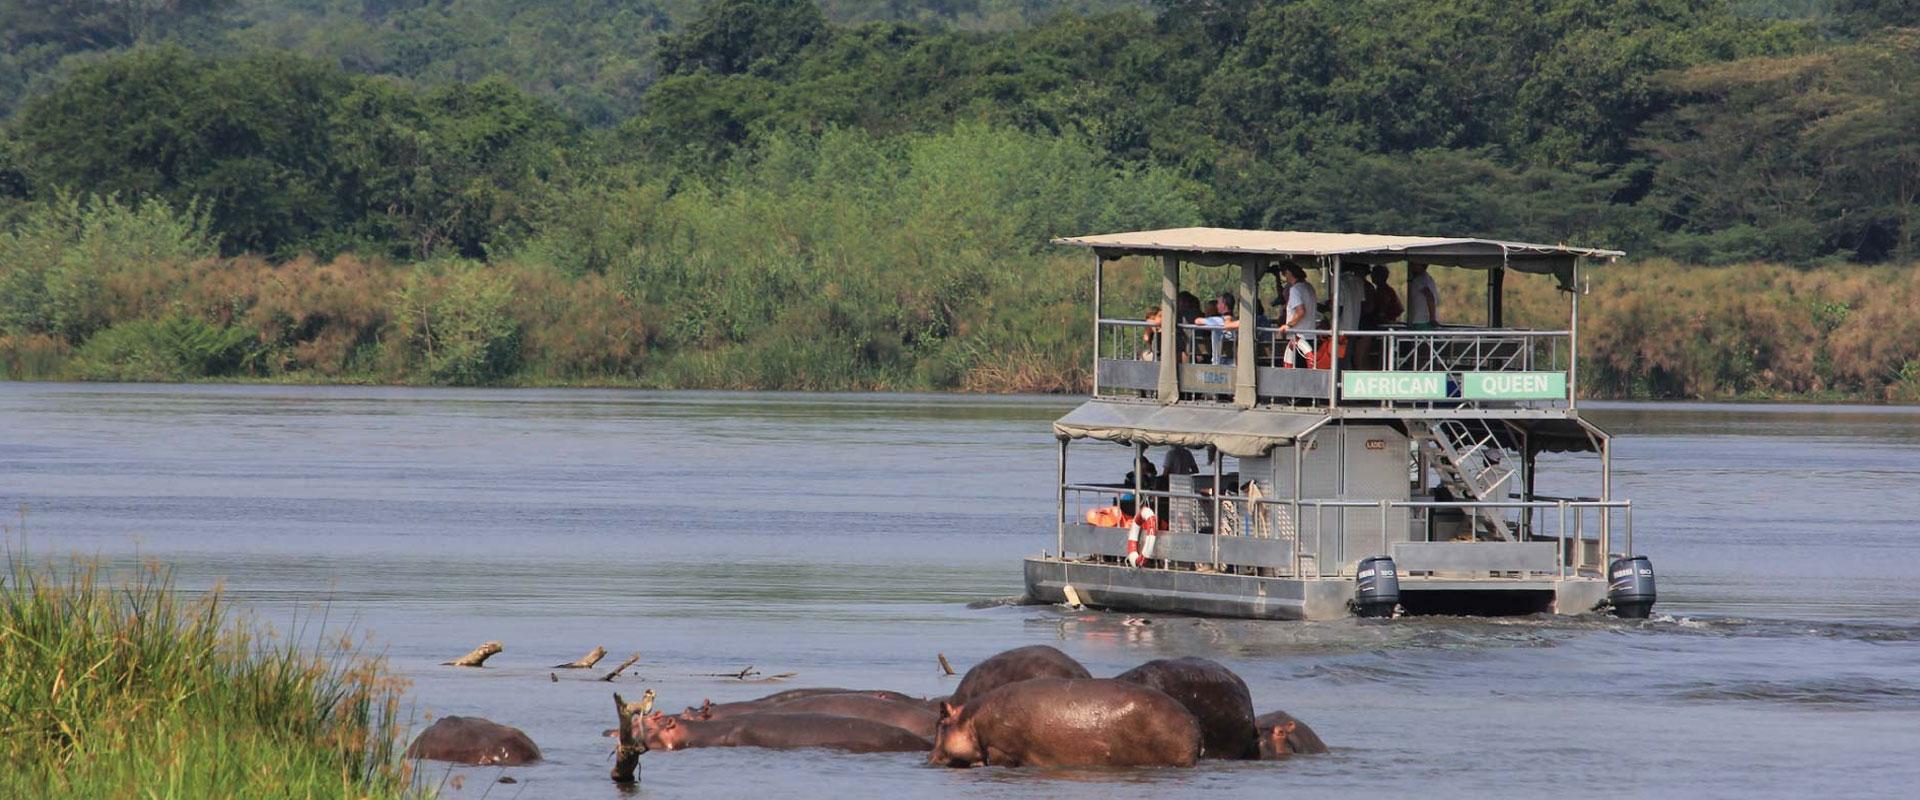 Uganda Big 5 & Wildlife Safaris